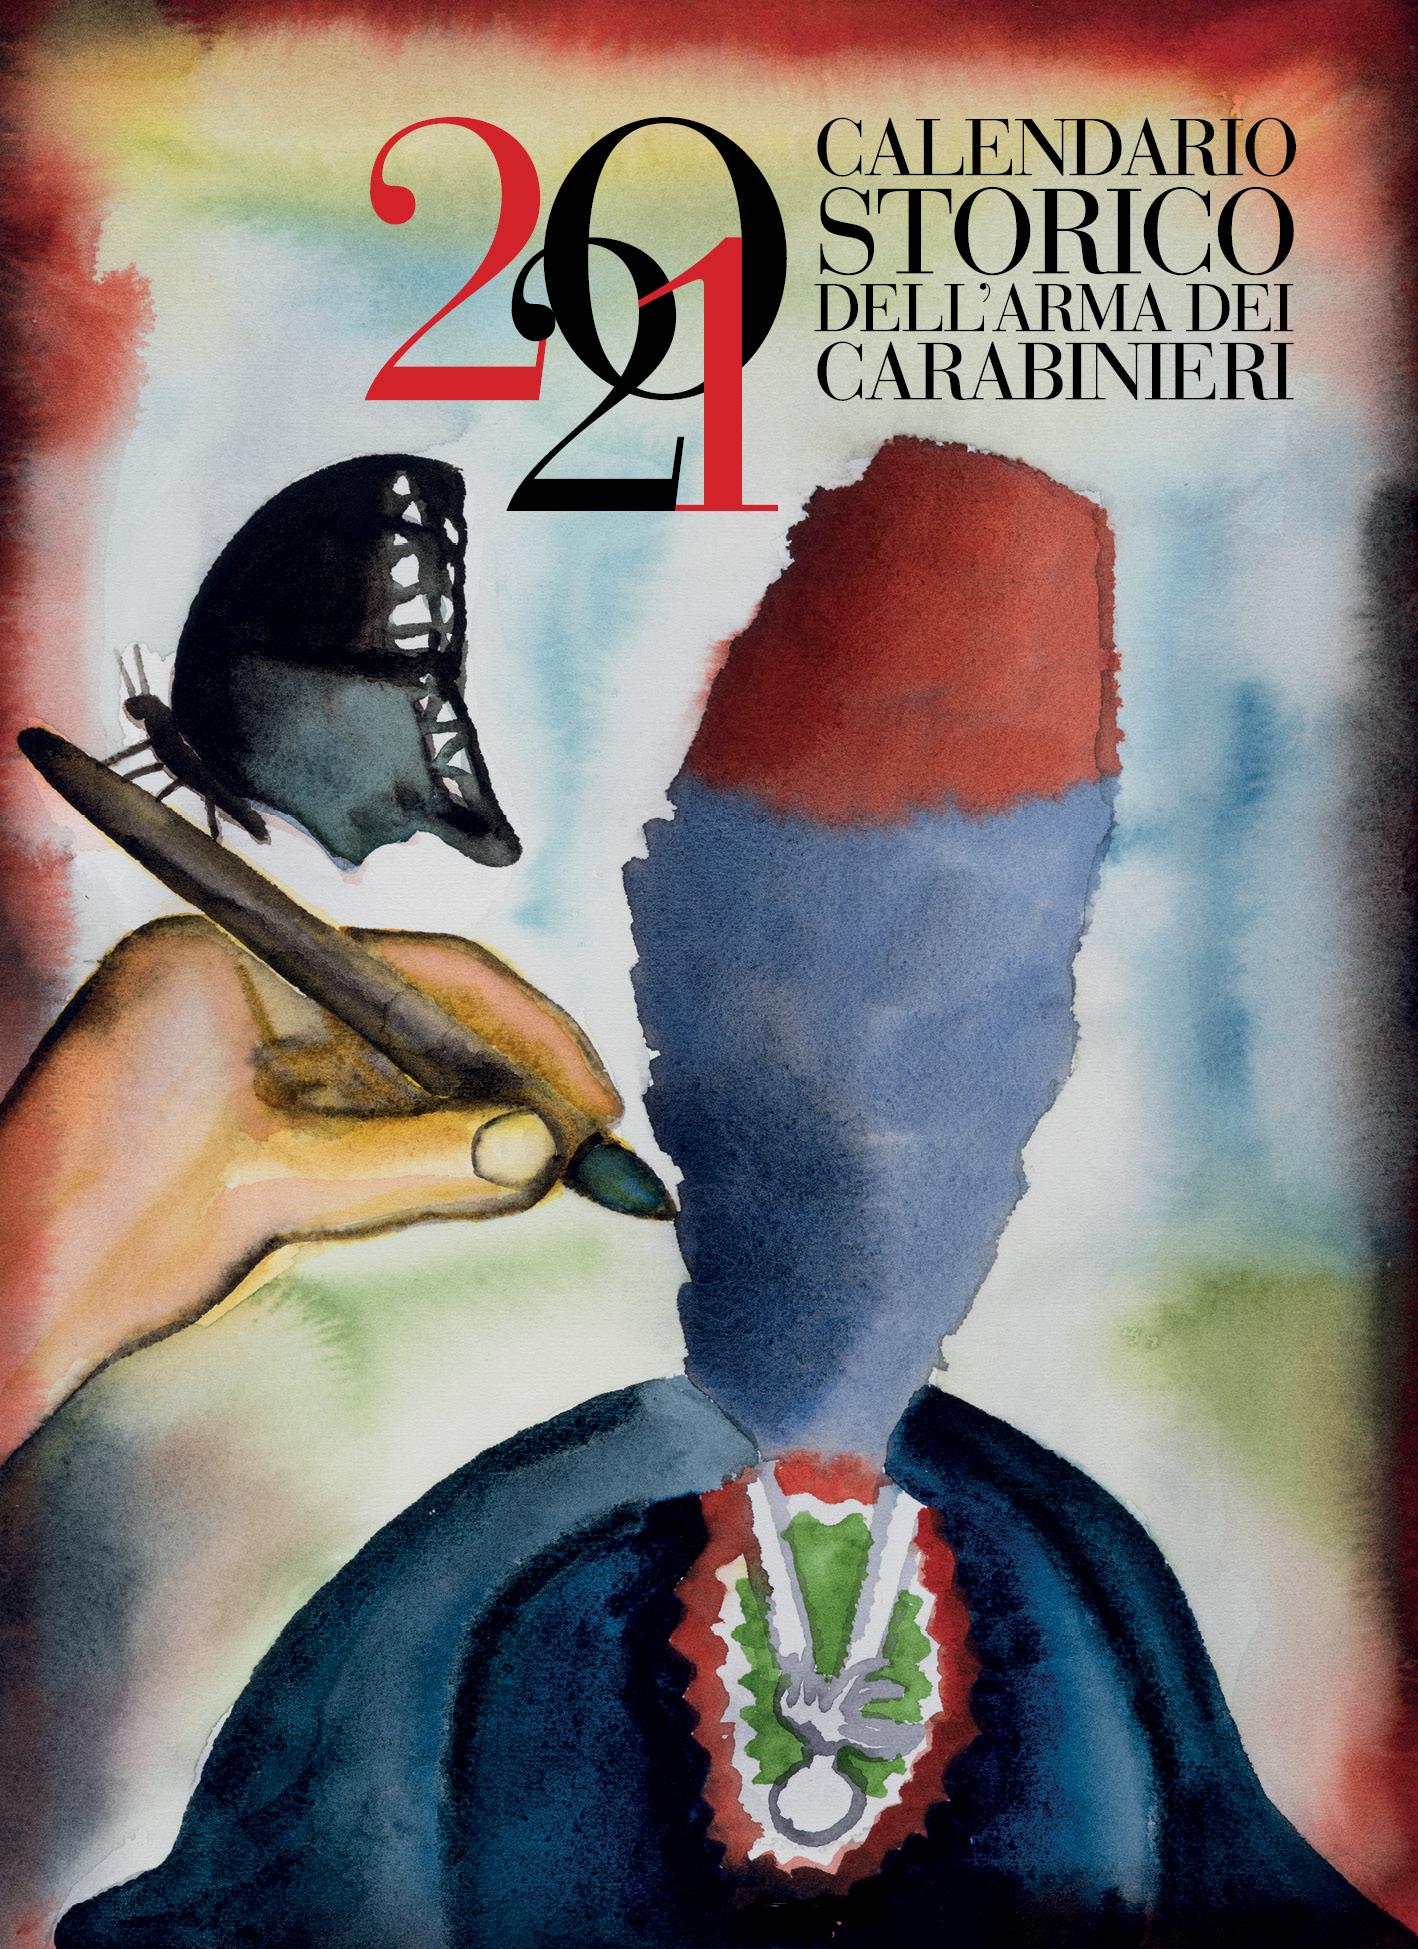 carabinieri,calendario storico